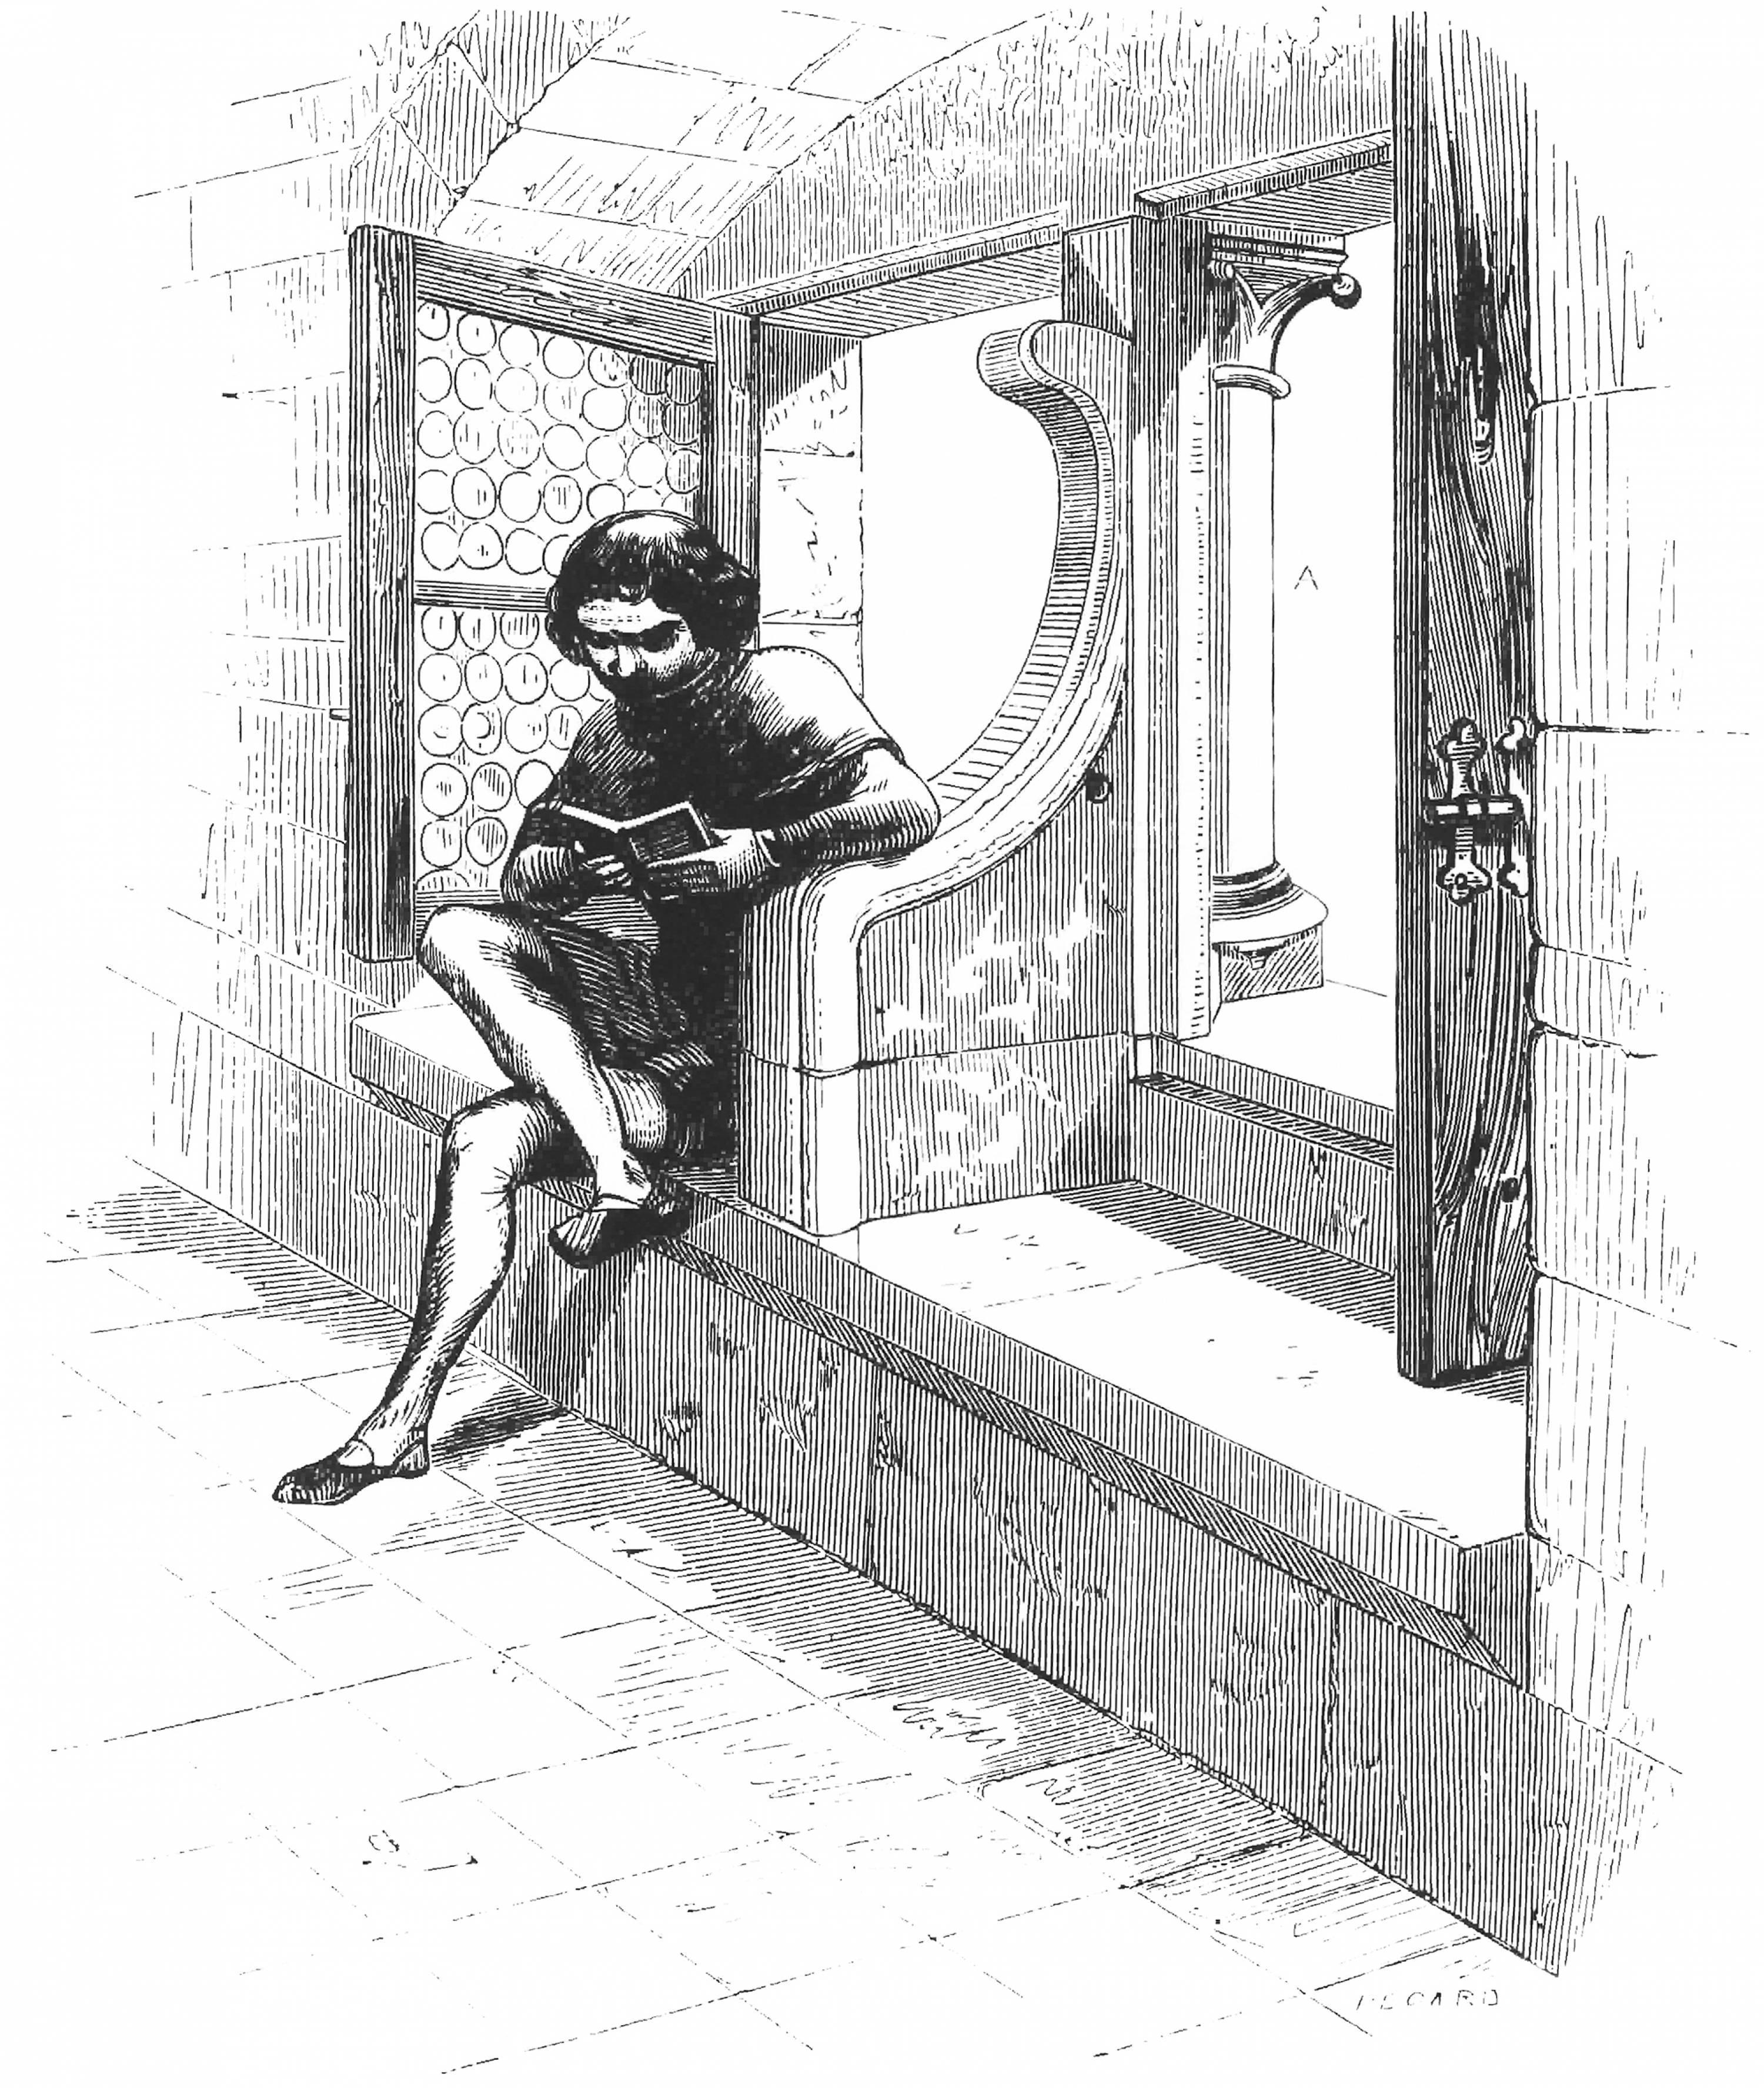 Drawing taken from Dictionnaire raisonné de l'architecture française, Viollet-le-Duc